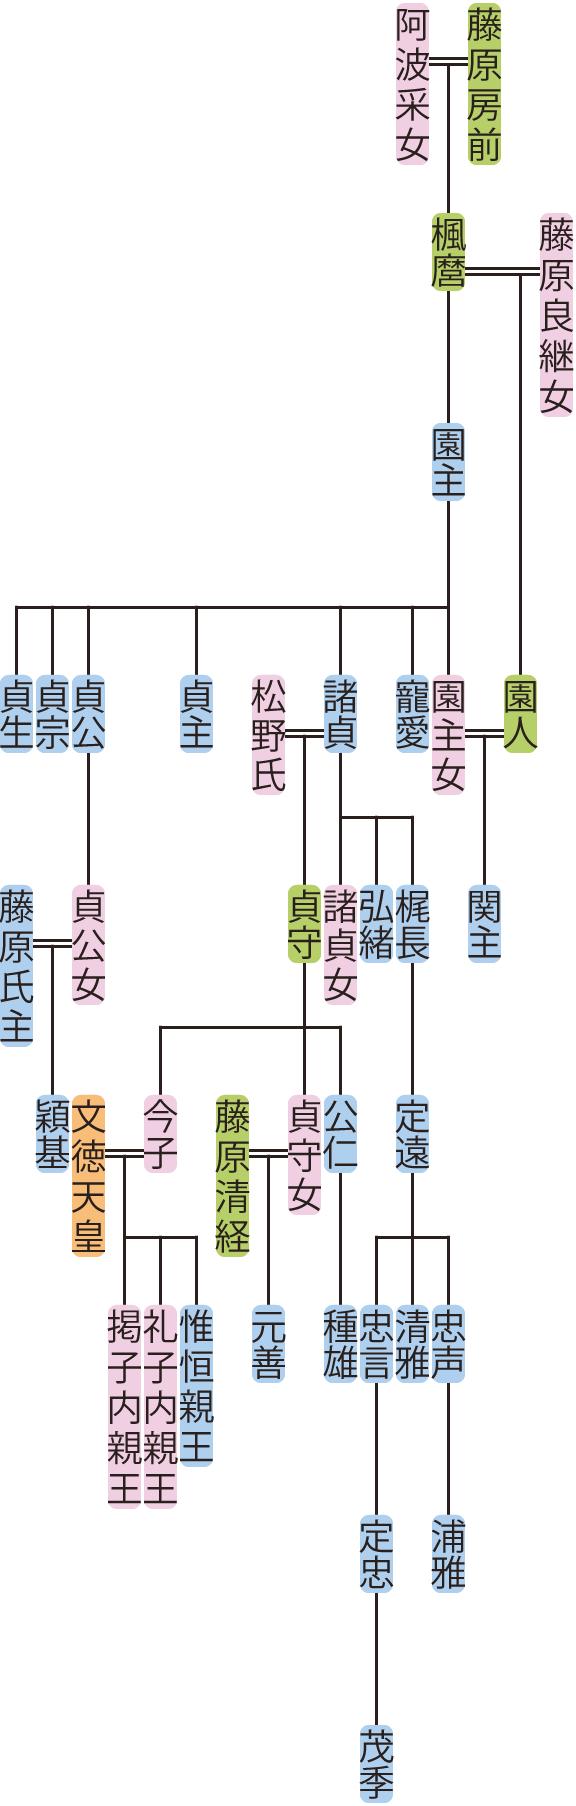 藤原園主の系図